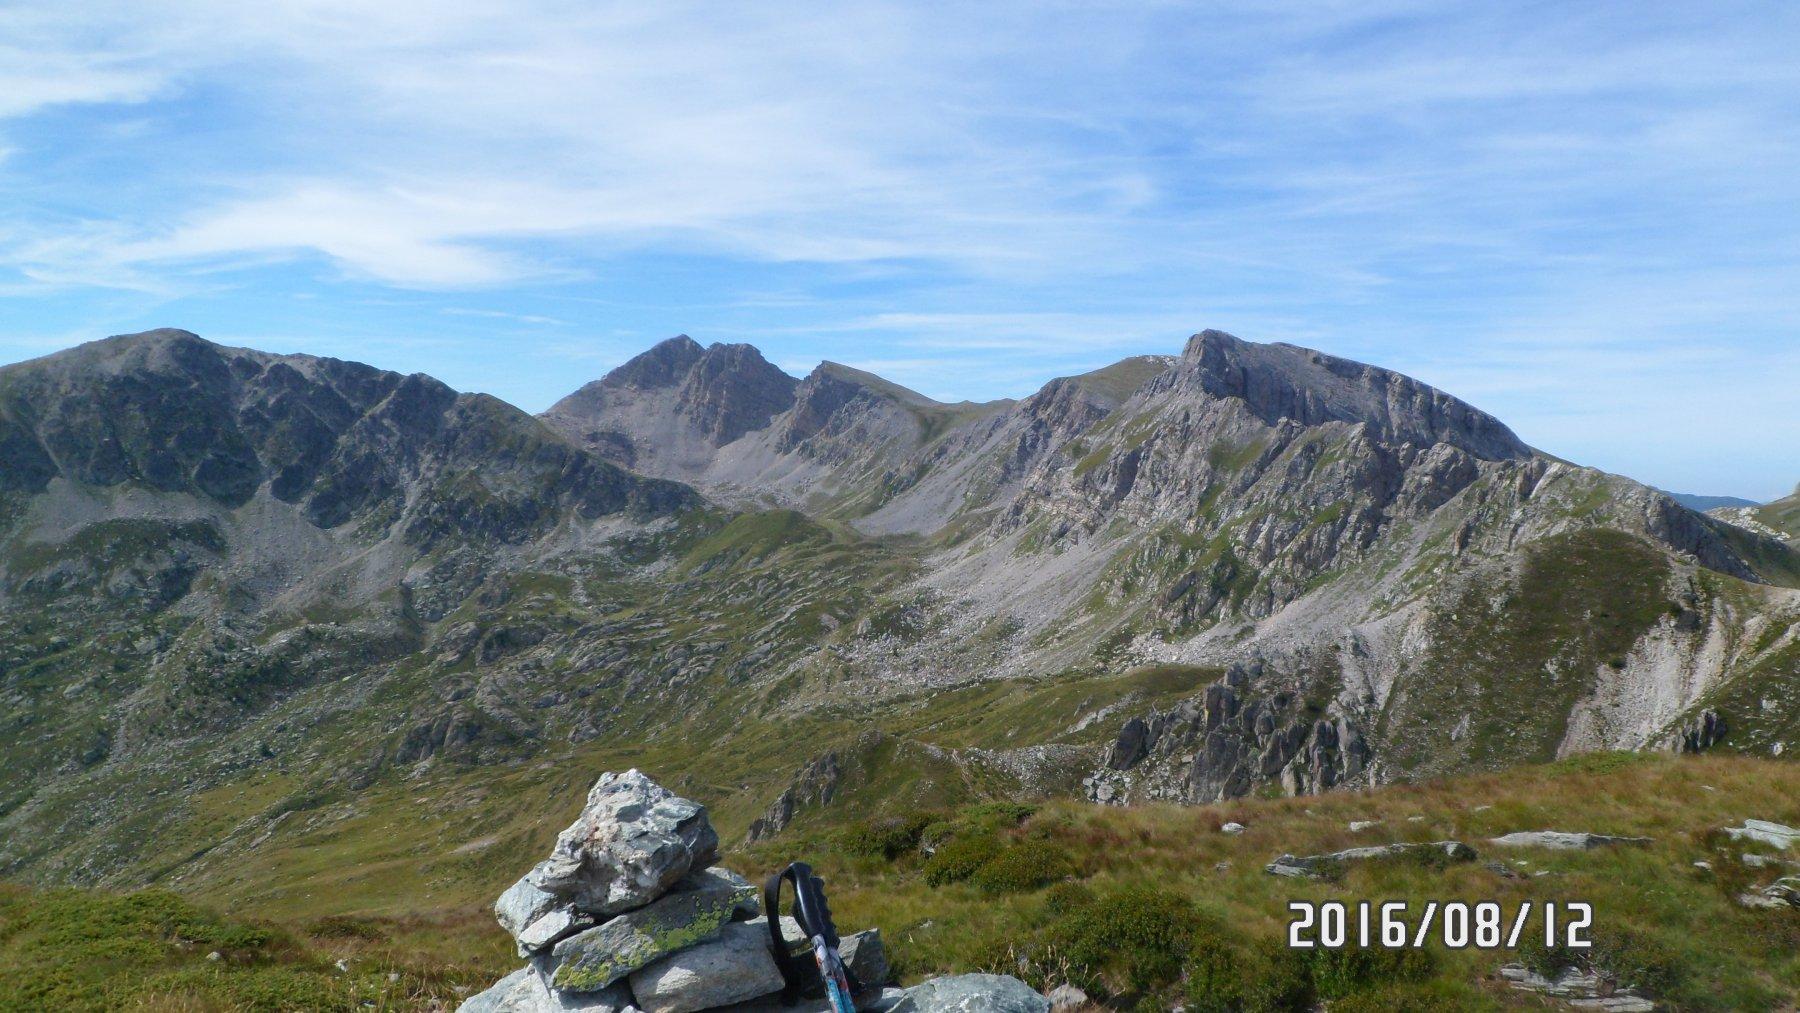 Punta dello Zucco - a partire dal centro andando verso dx le altre 3 cime salite, Conoia, Rotondo e Revelli